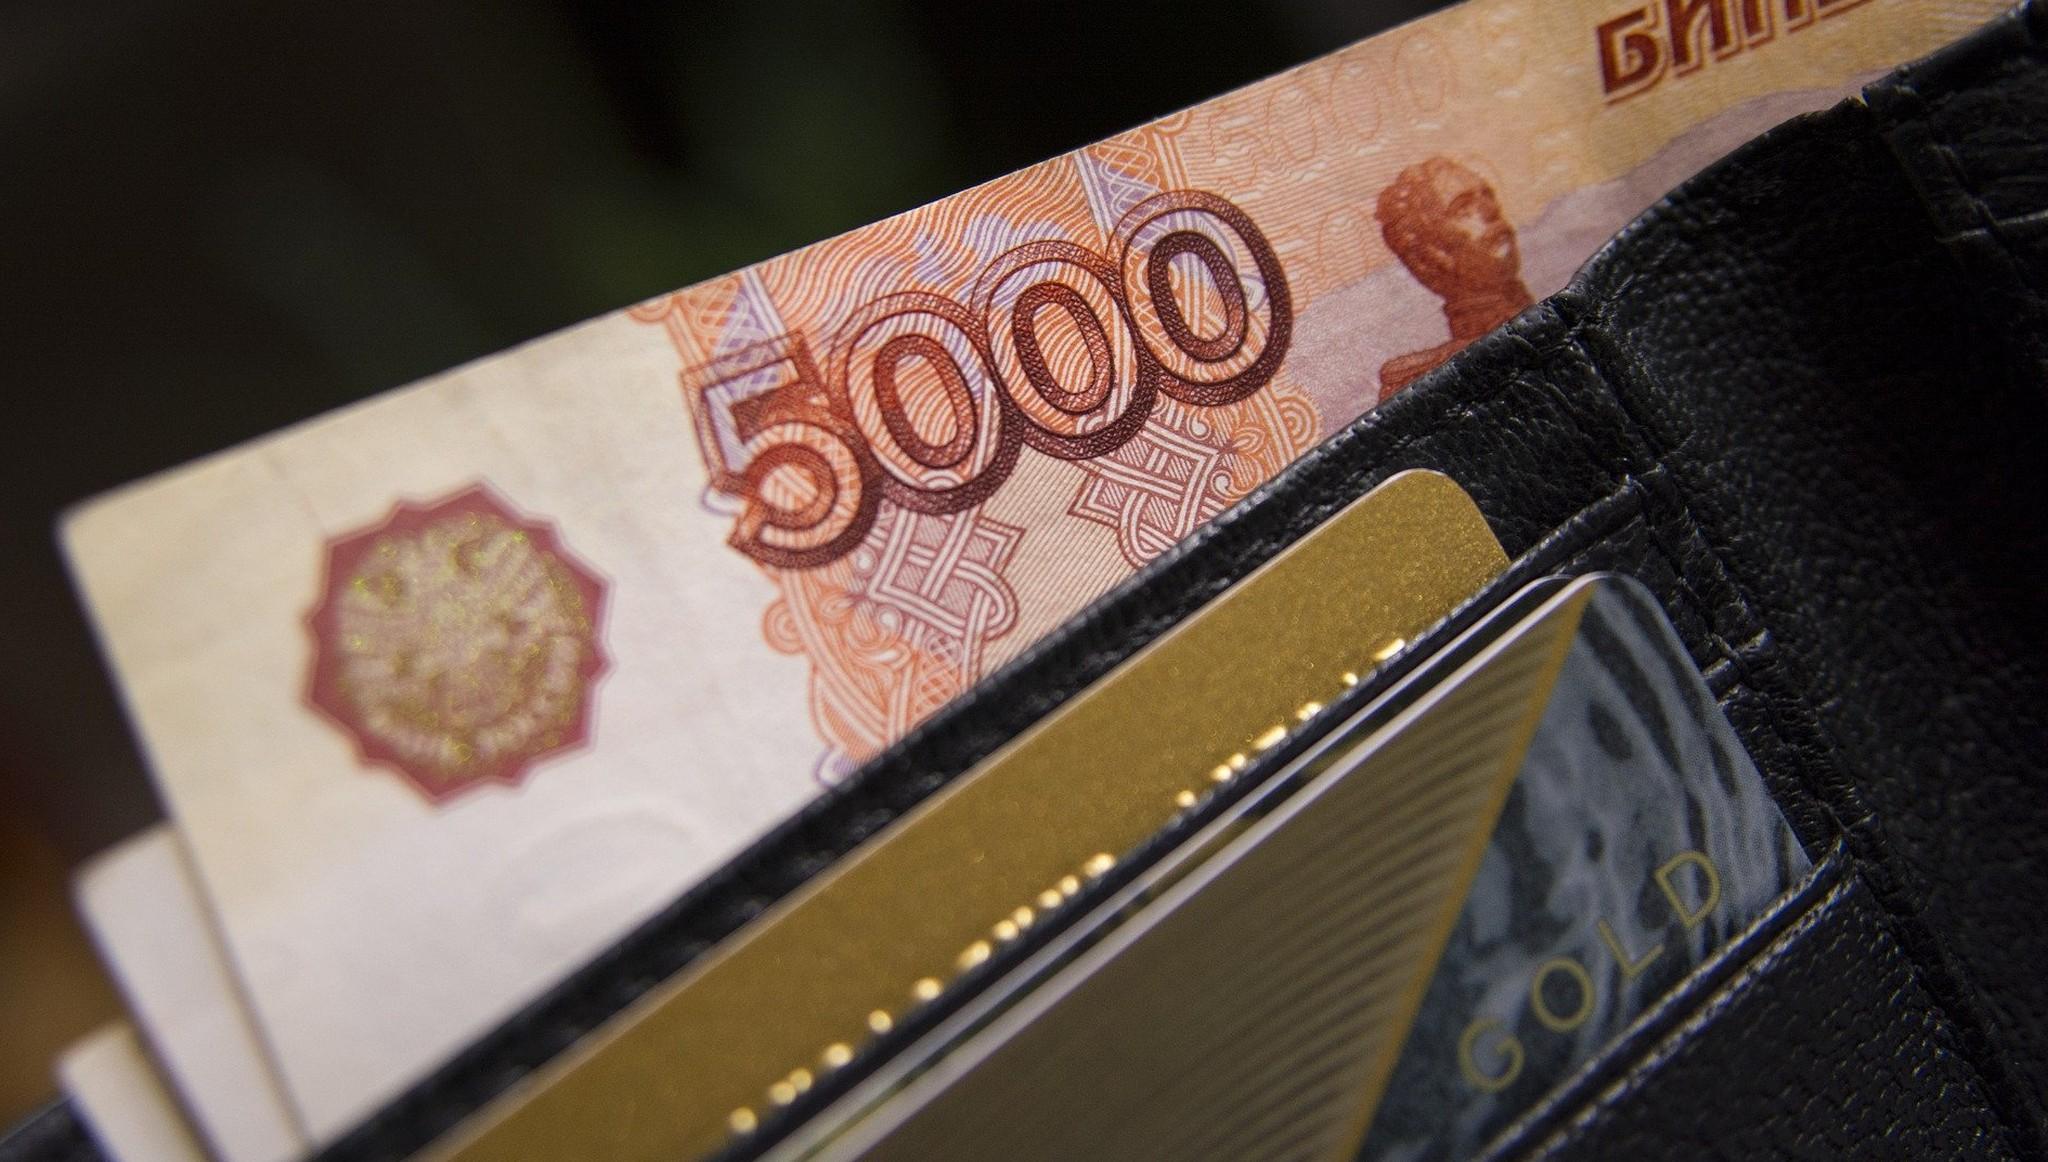 Двое жителей Твери расплачивались в магазинах поддельными 5-тысячными купюрами